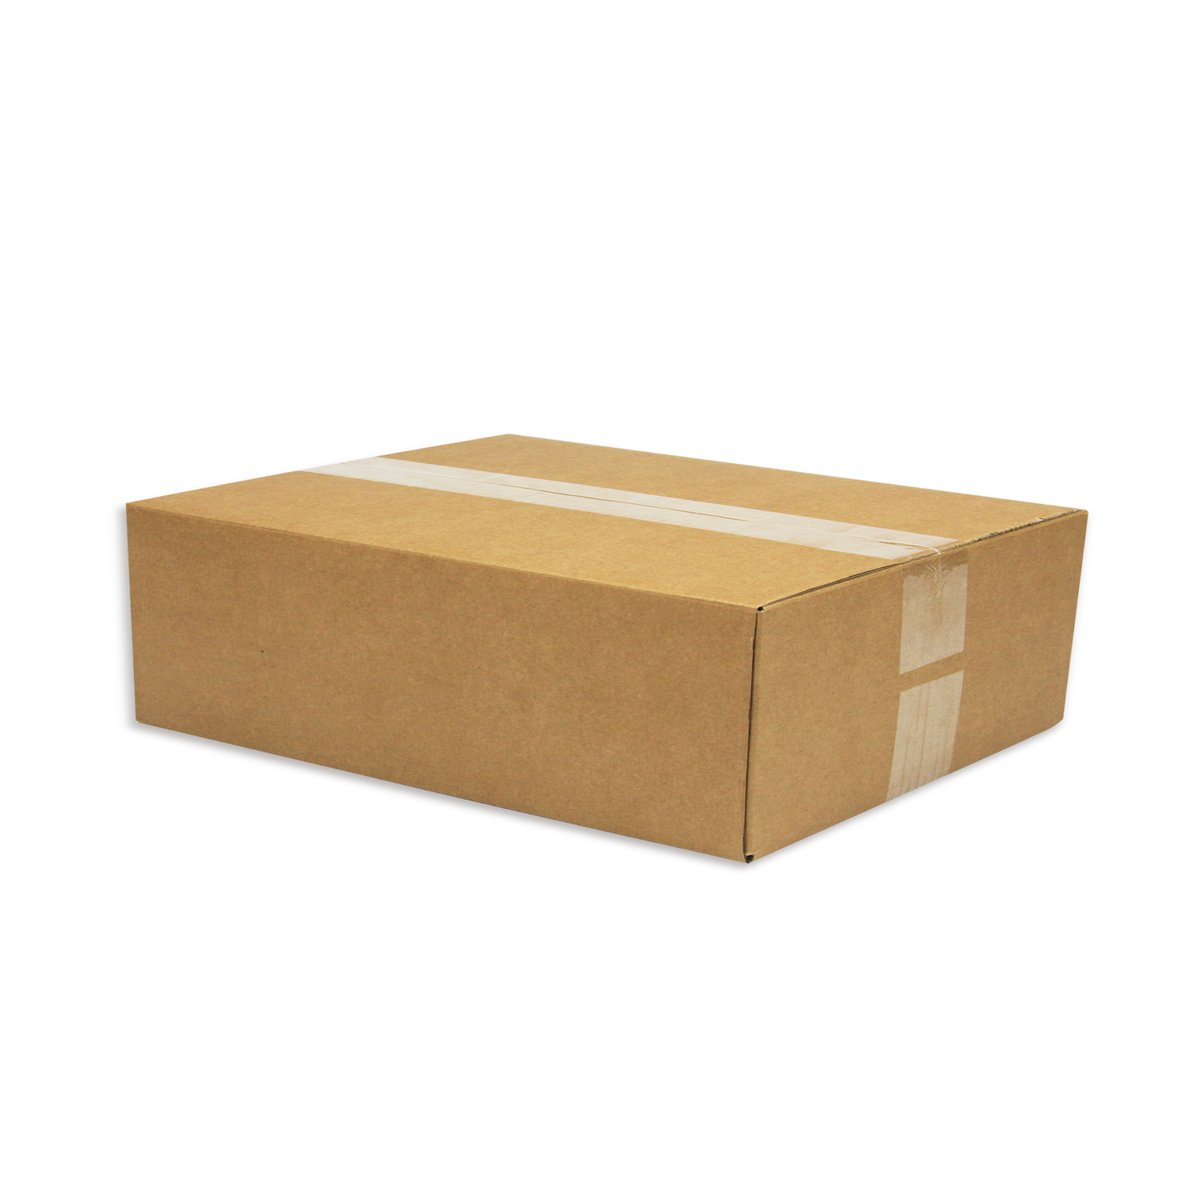 600 X 300 X 150mm 60 X 30 X 15cm 25 Dhl Päckchen Karton